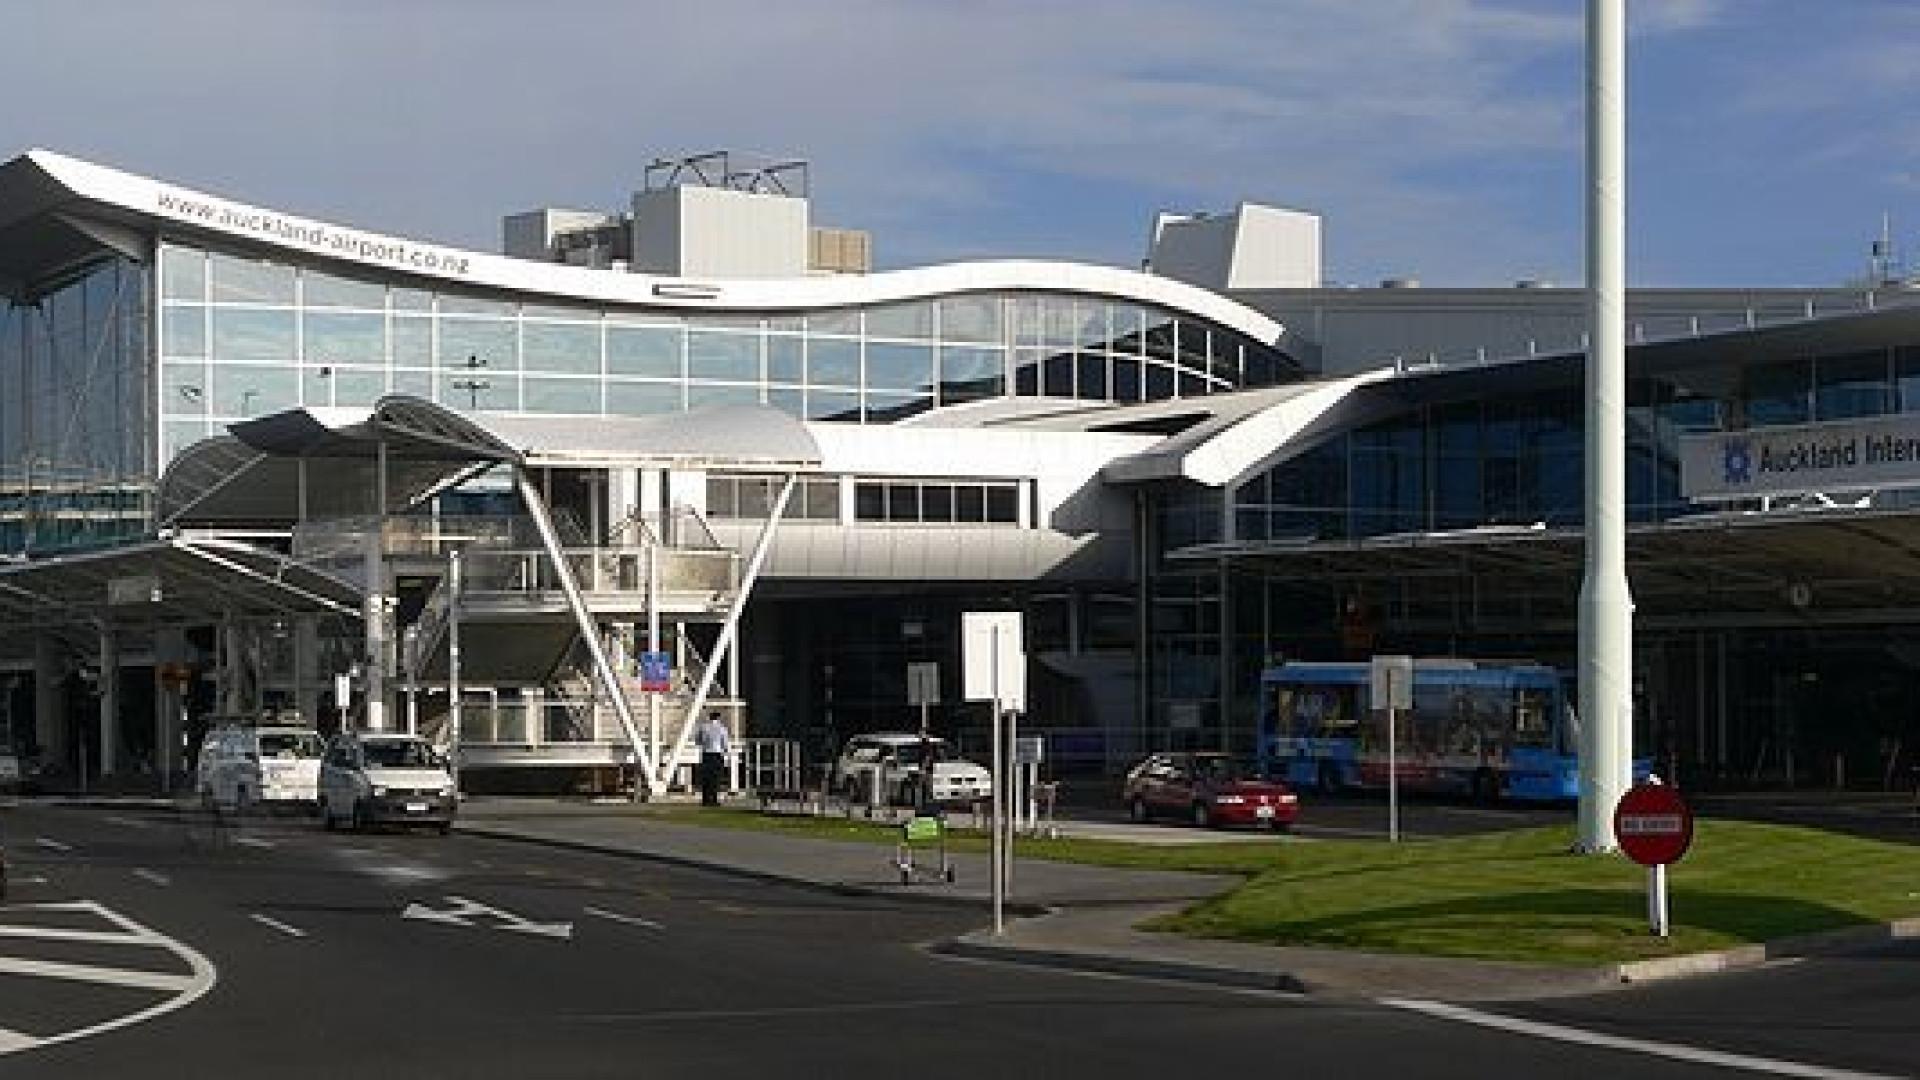 Português condenado a pena de prisão por posse de droga na Nova Zelândia